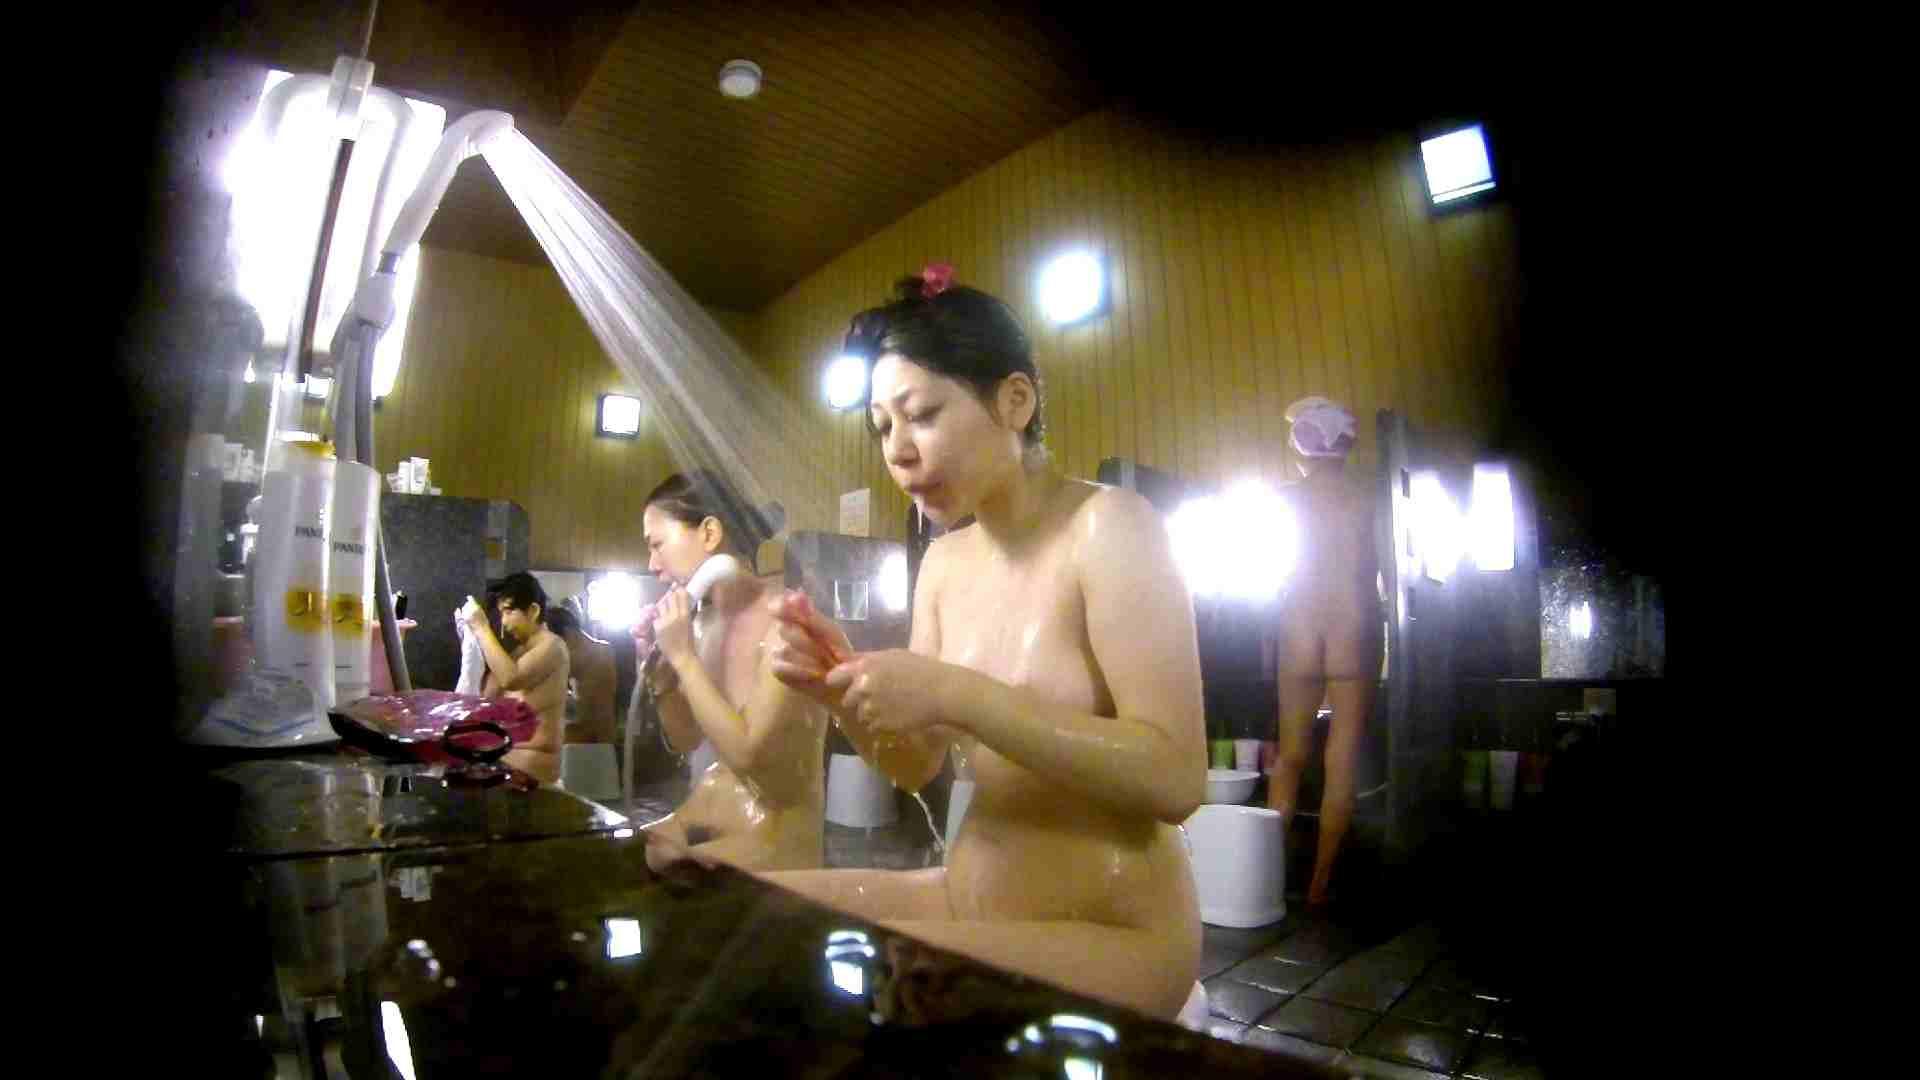 洗い場!柔らかそうな身体は良いけど、歯磨きが下品です。 銭湯着替え AV無料動画キャプチャ 107画像 47